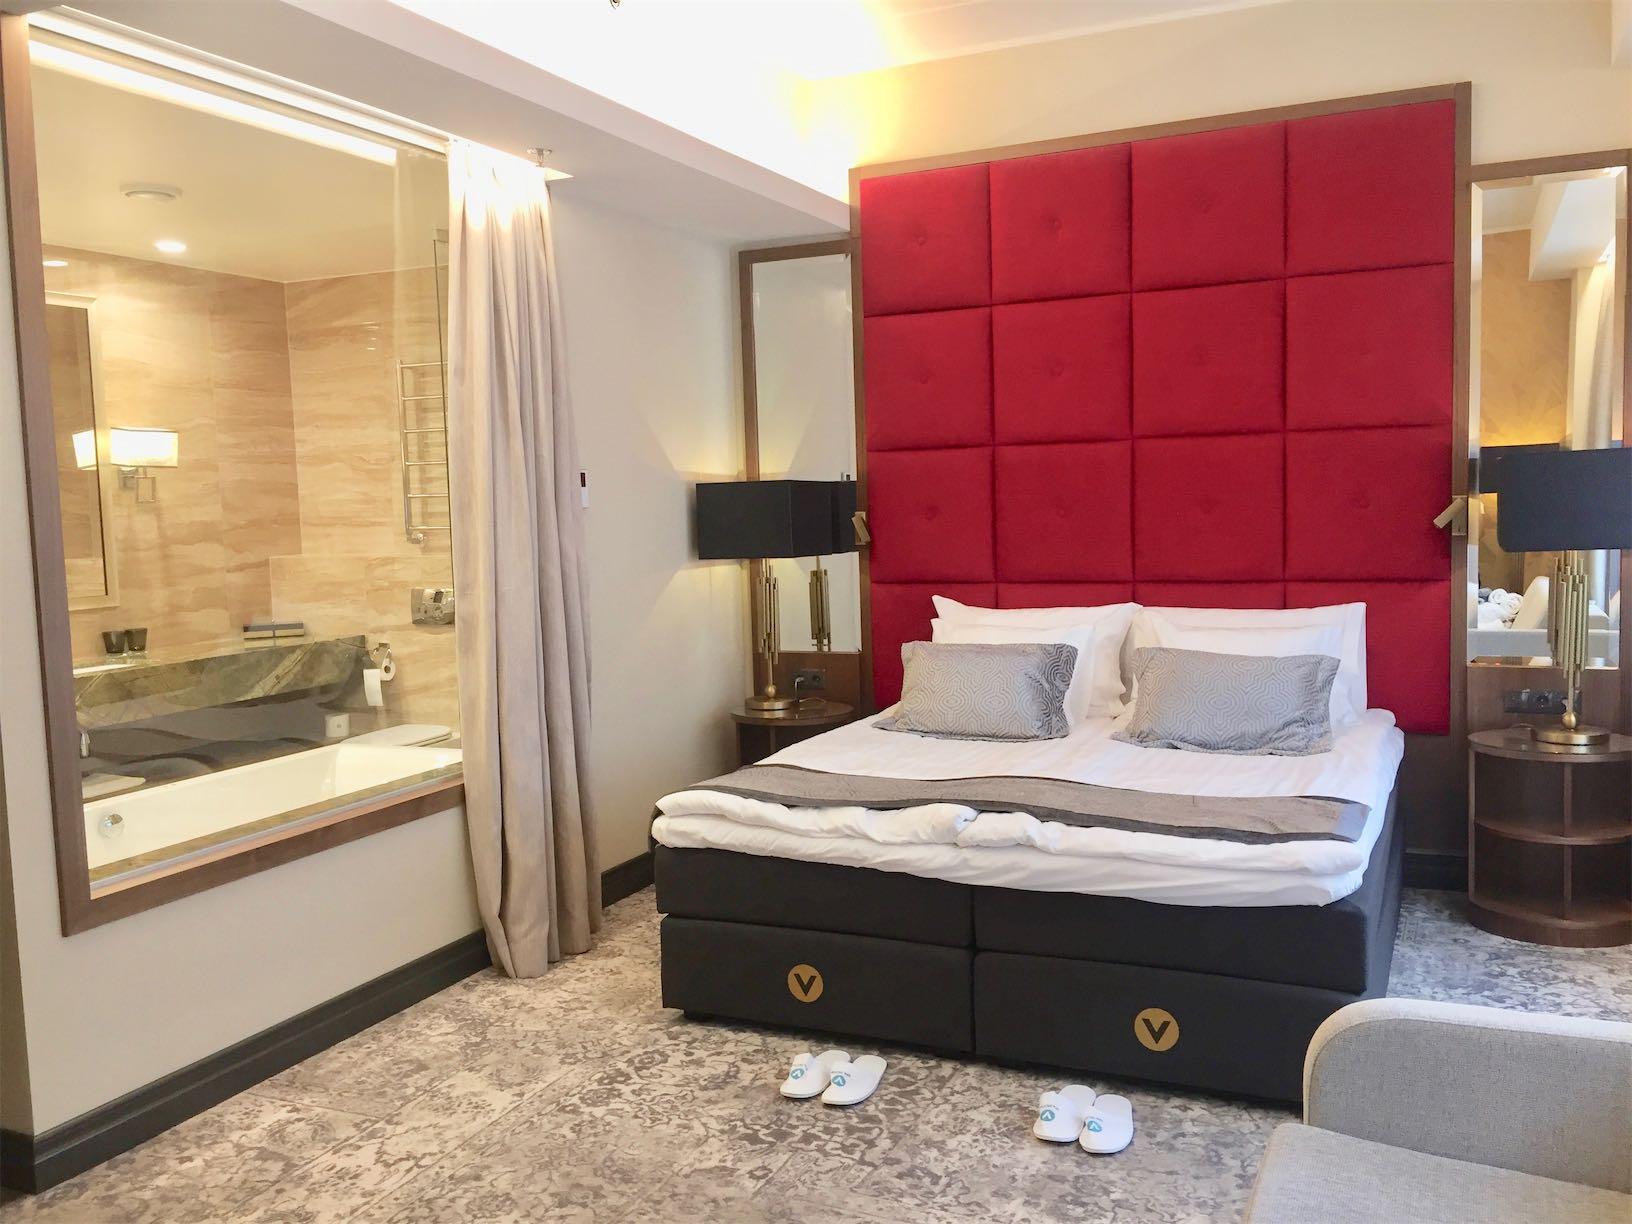 89940559883 v spa spaahotell spa paketid hotelliveeb romantiline puhkus perepuhkus  Tartus 2